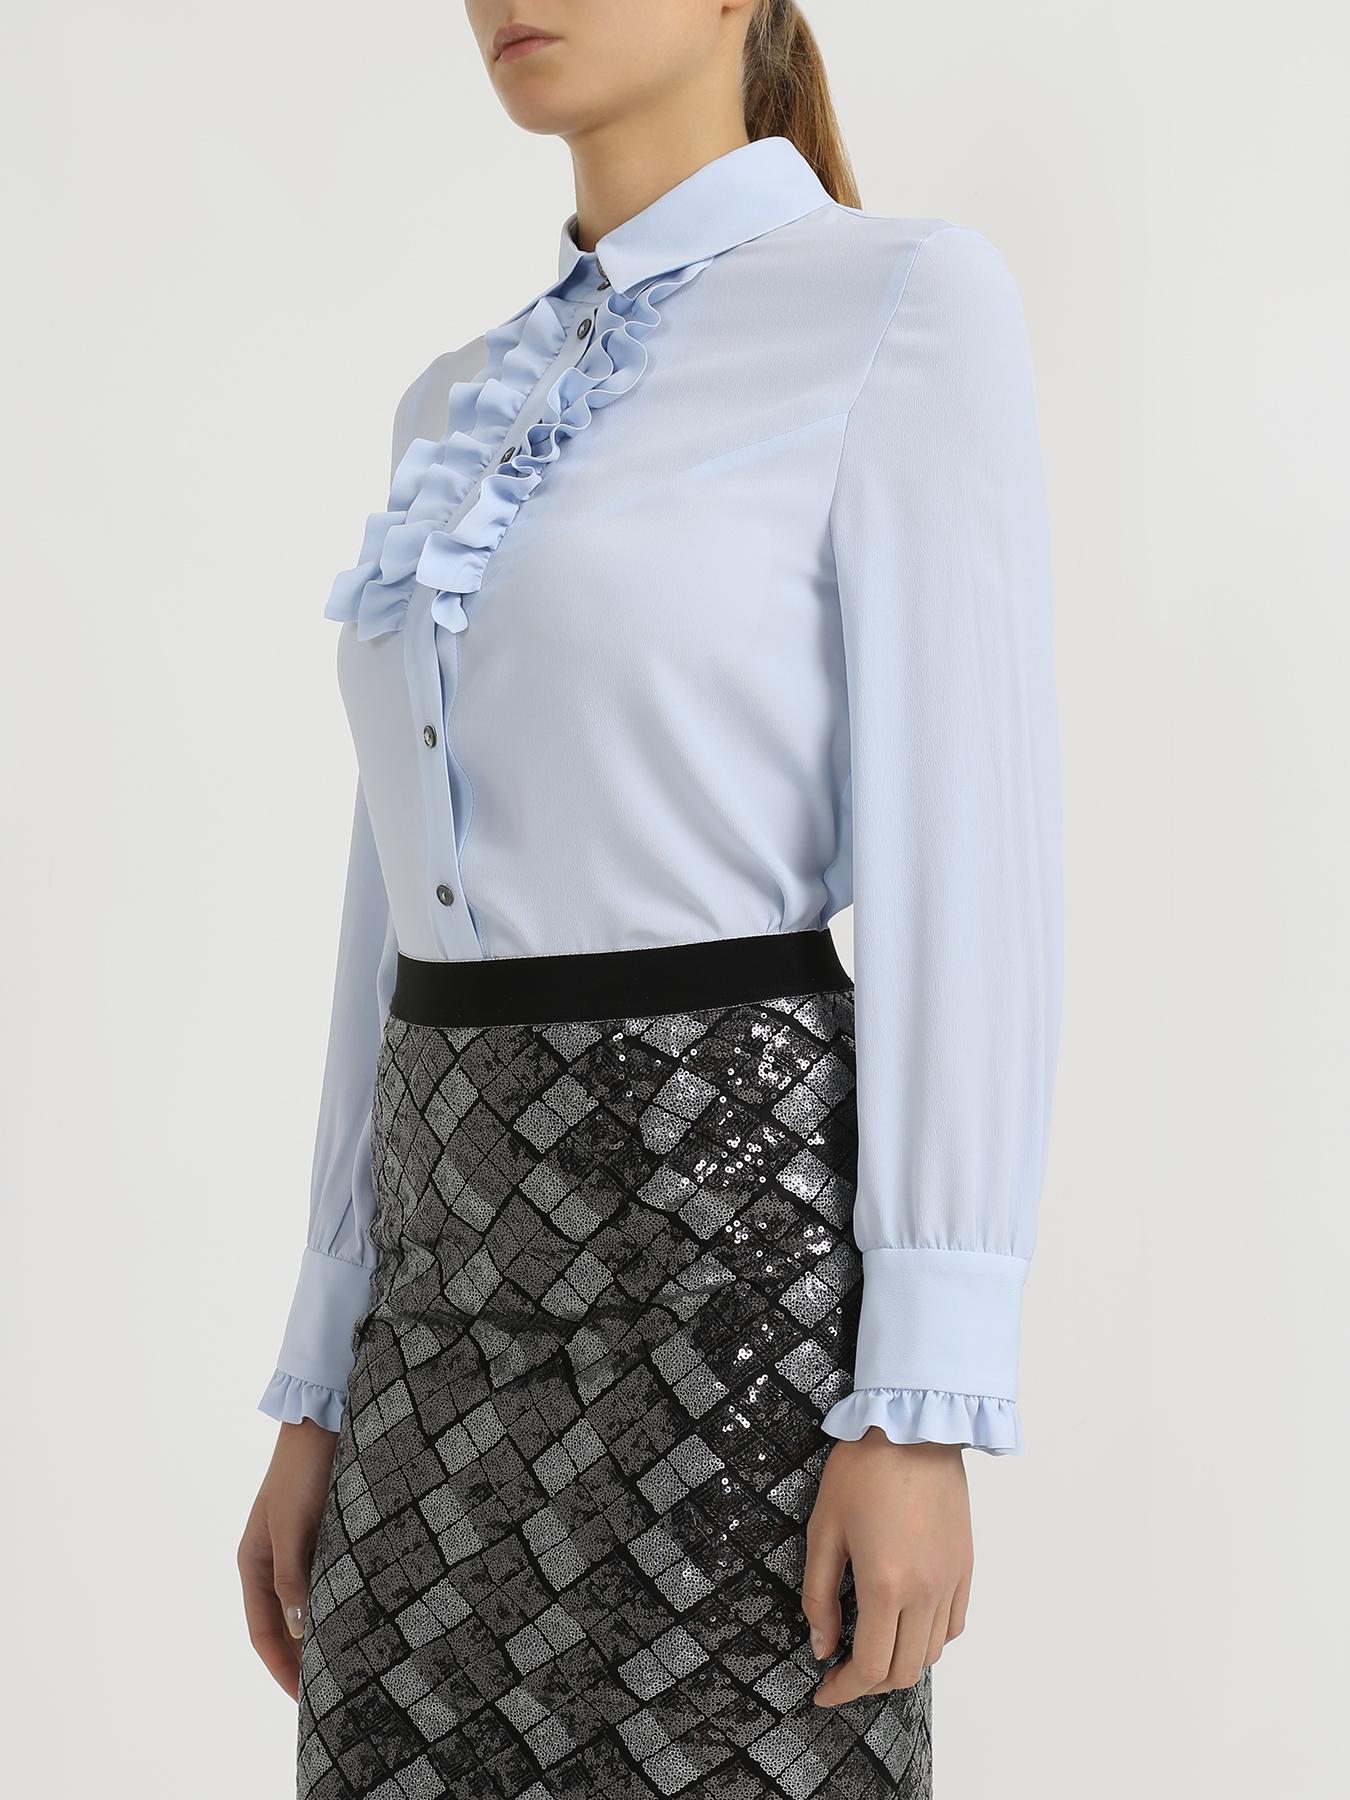 Блузки Korpo Блузка блузка trend